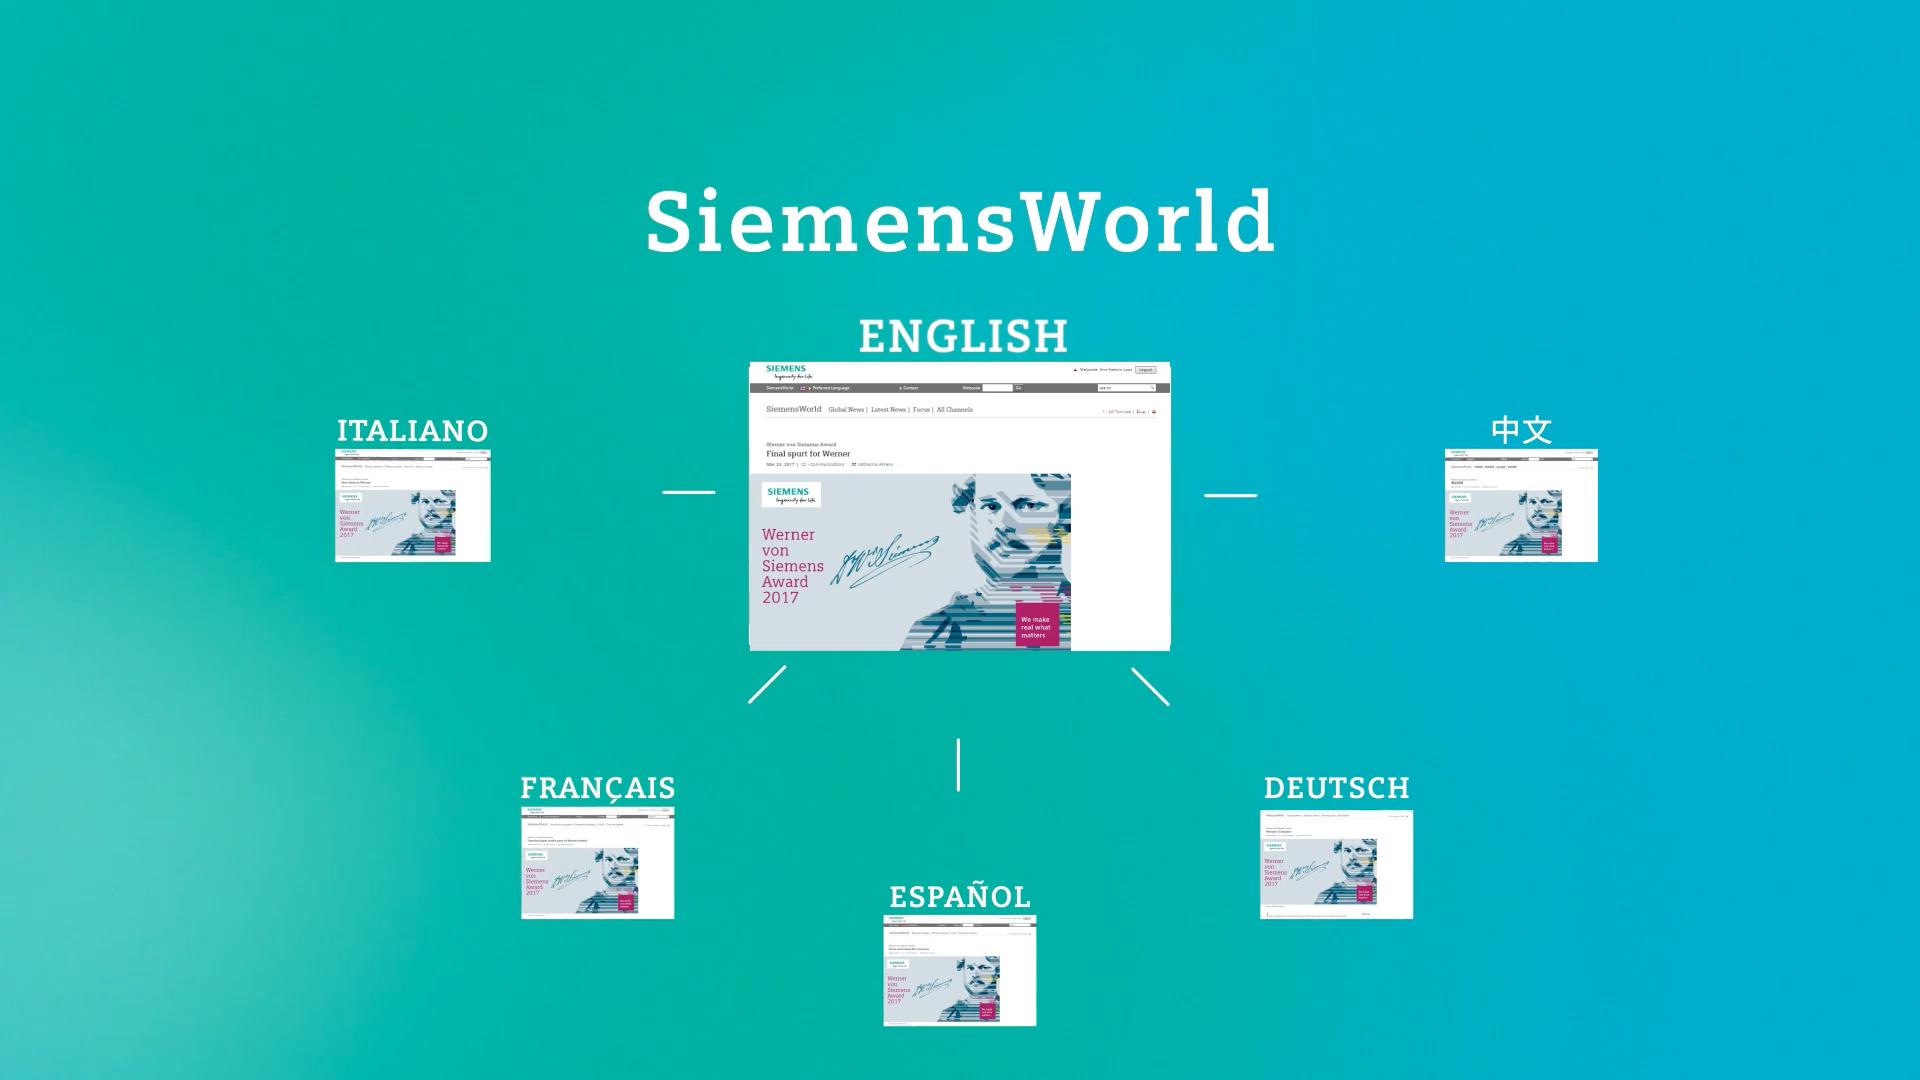 Siemens Video Img 5.png